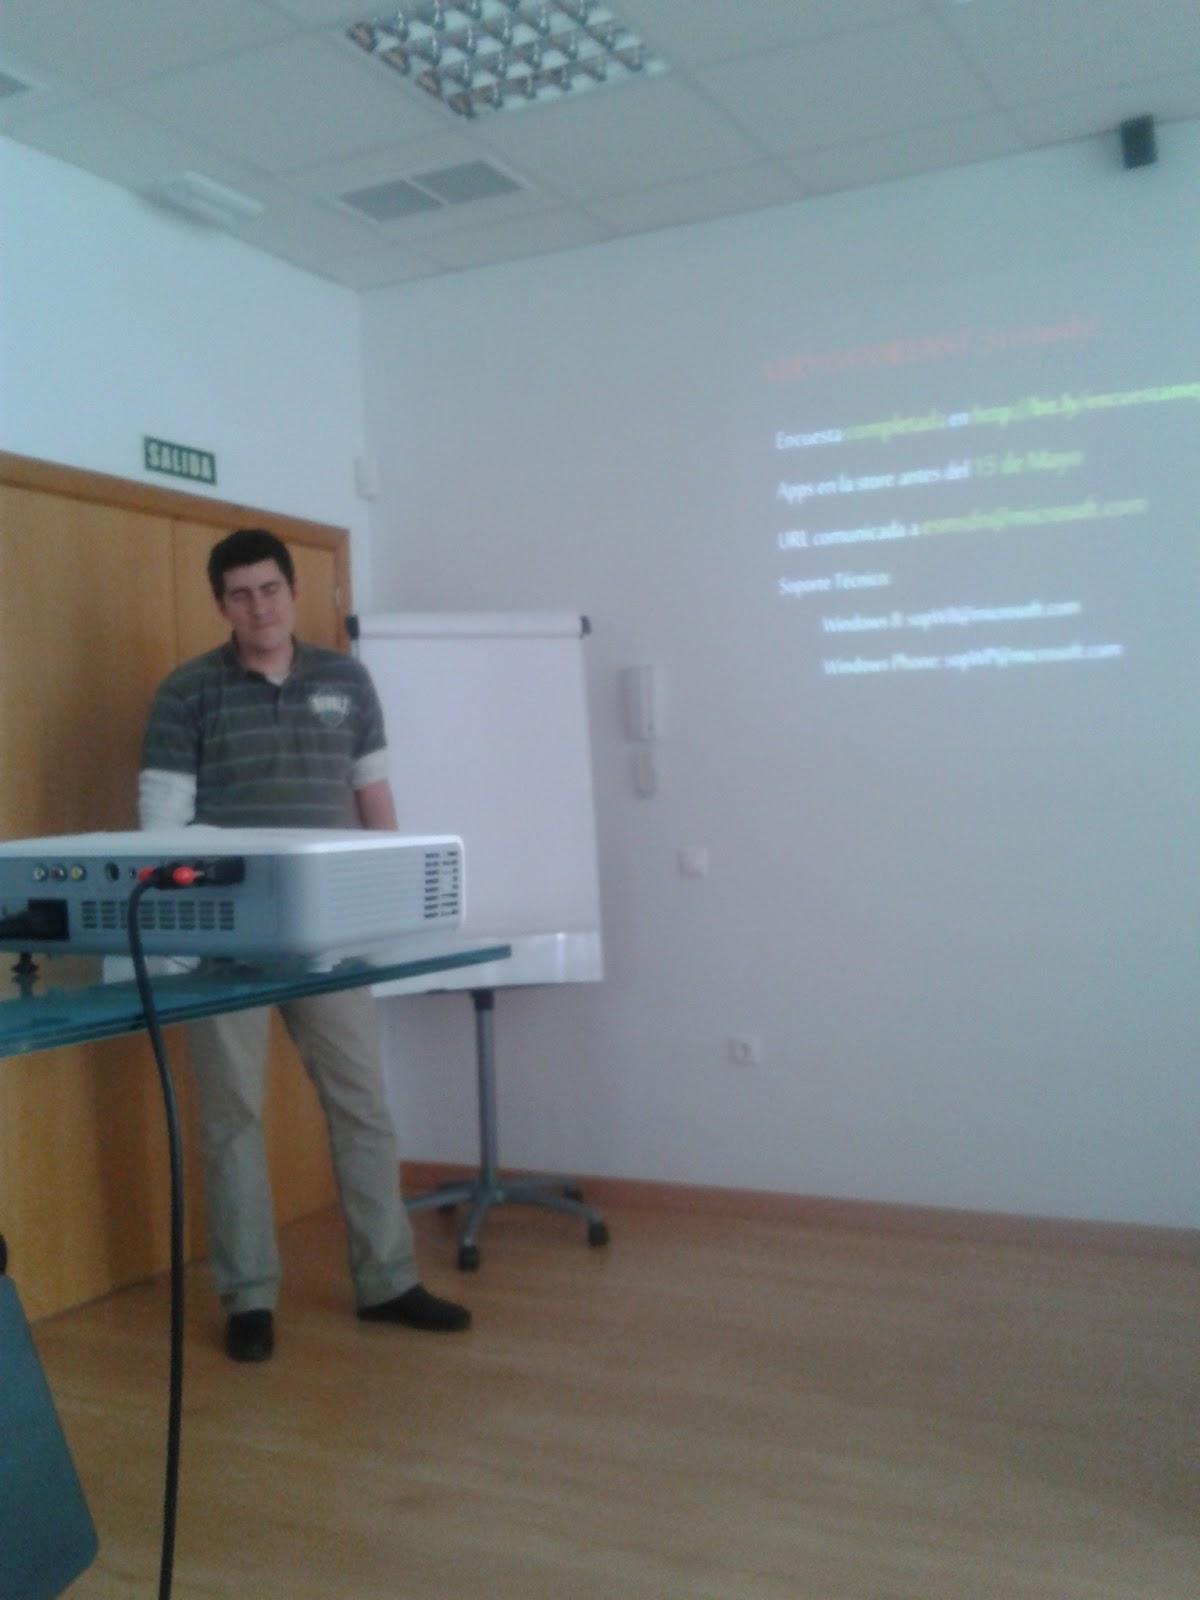 Trucos de programacion: [W8] Megathon - Resumen, ¿Y ahora que?